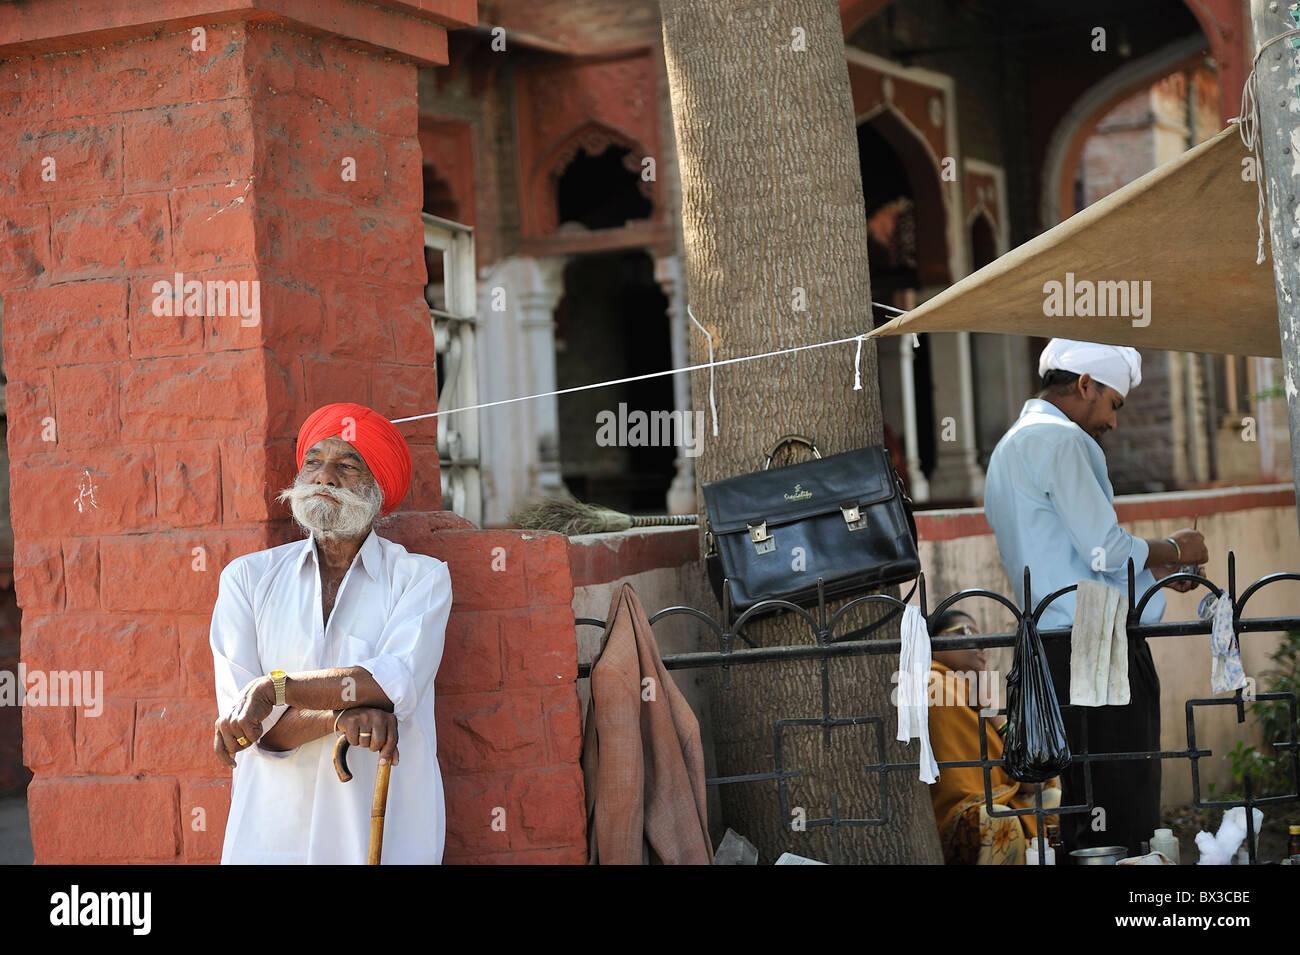 Un rajput uomo attendere con orgoglio per il bus in Ajmer, Rajasthan Immagini Stock